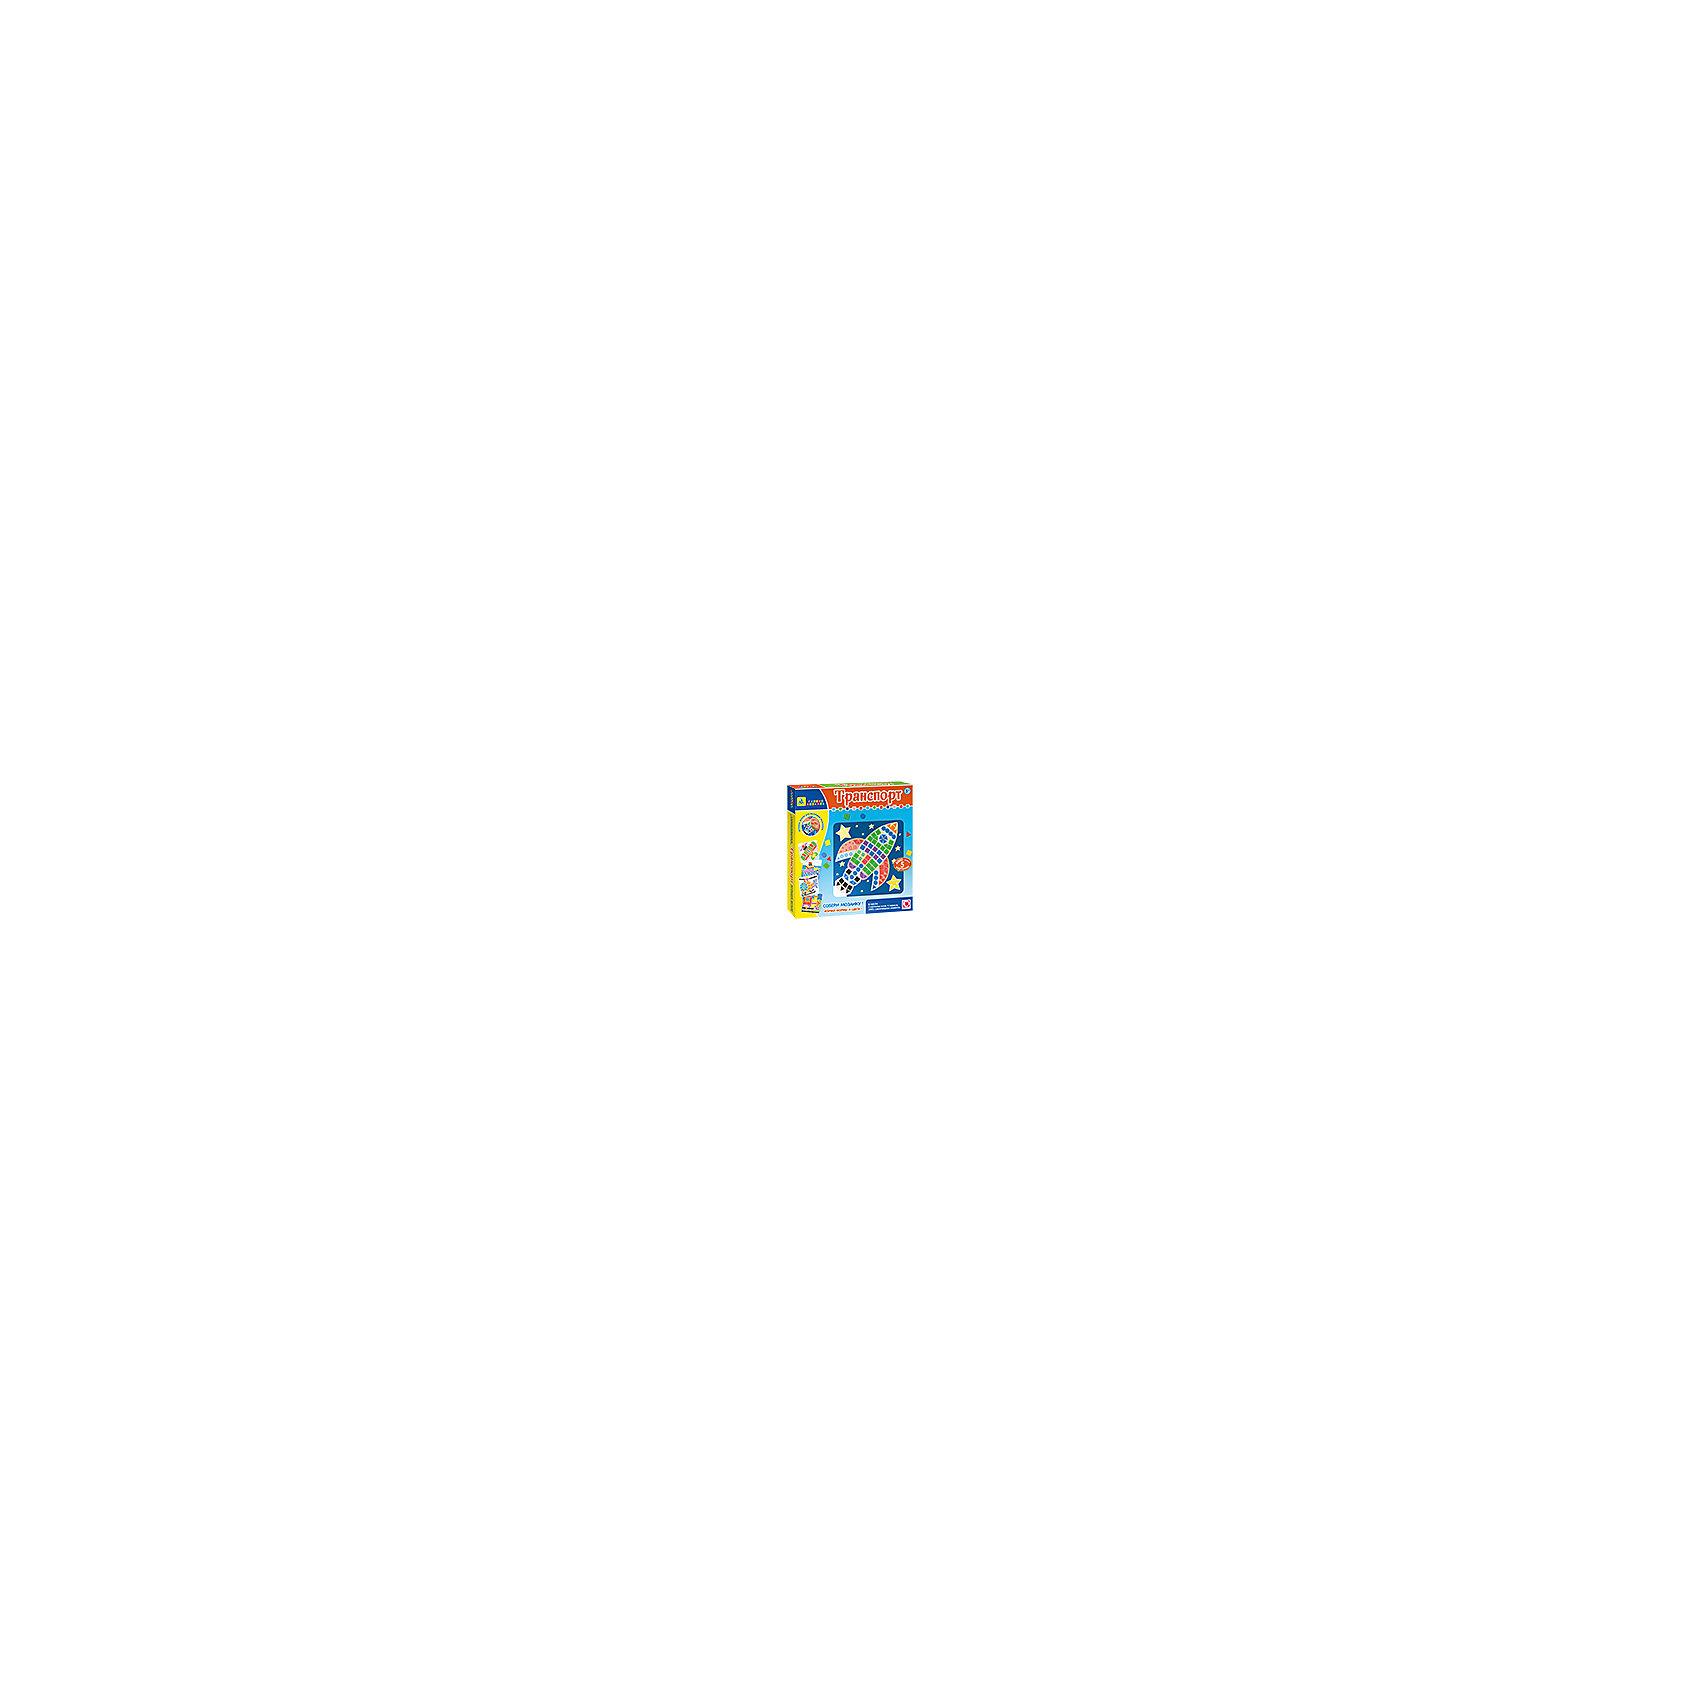 Origami Мозаика-набор Транспорт, 5 картинок